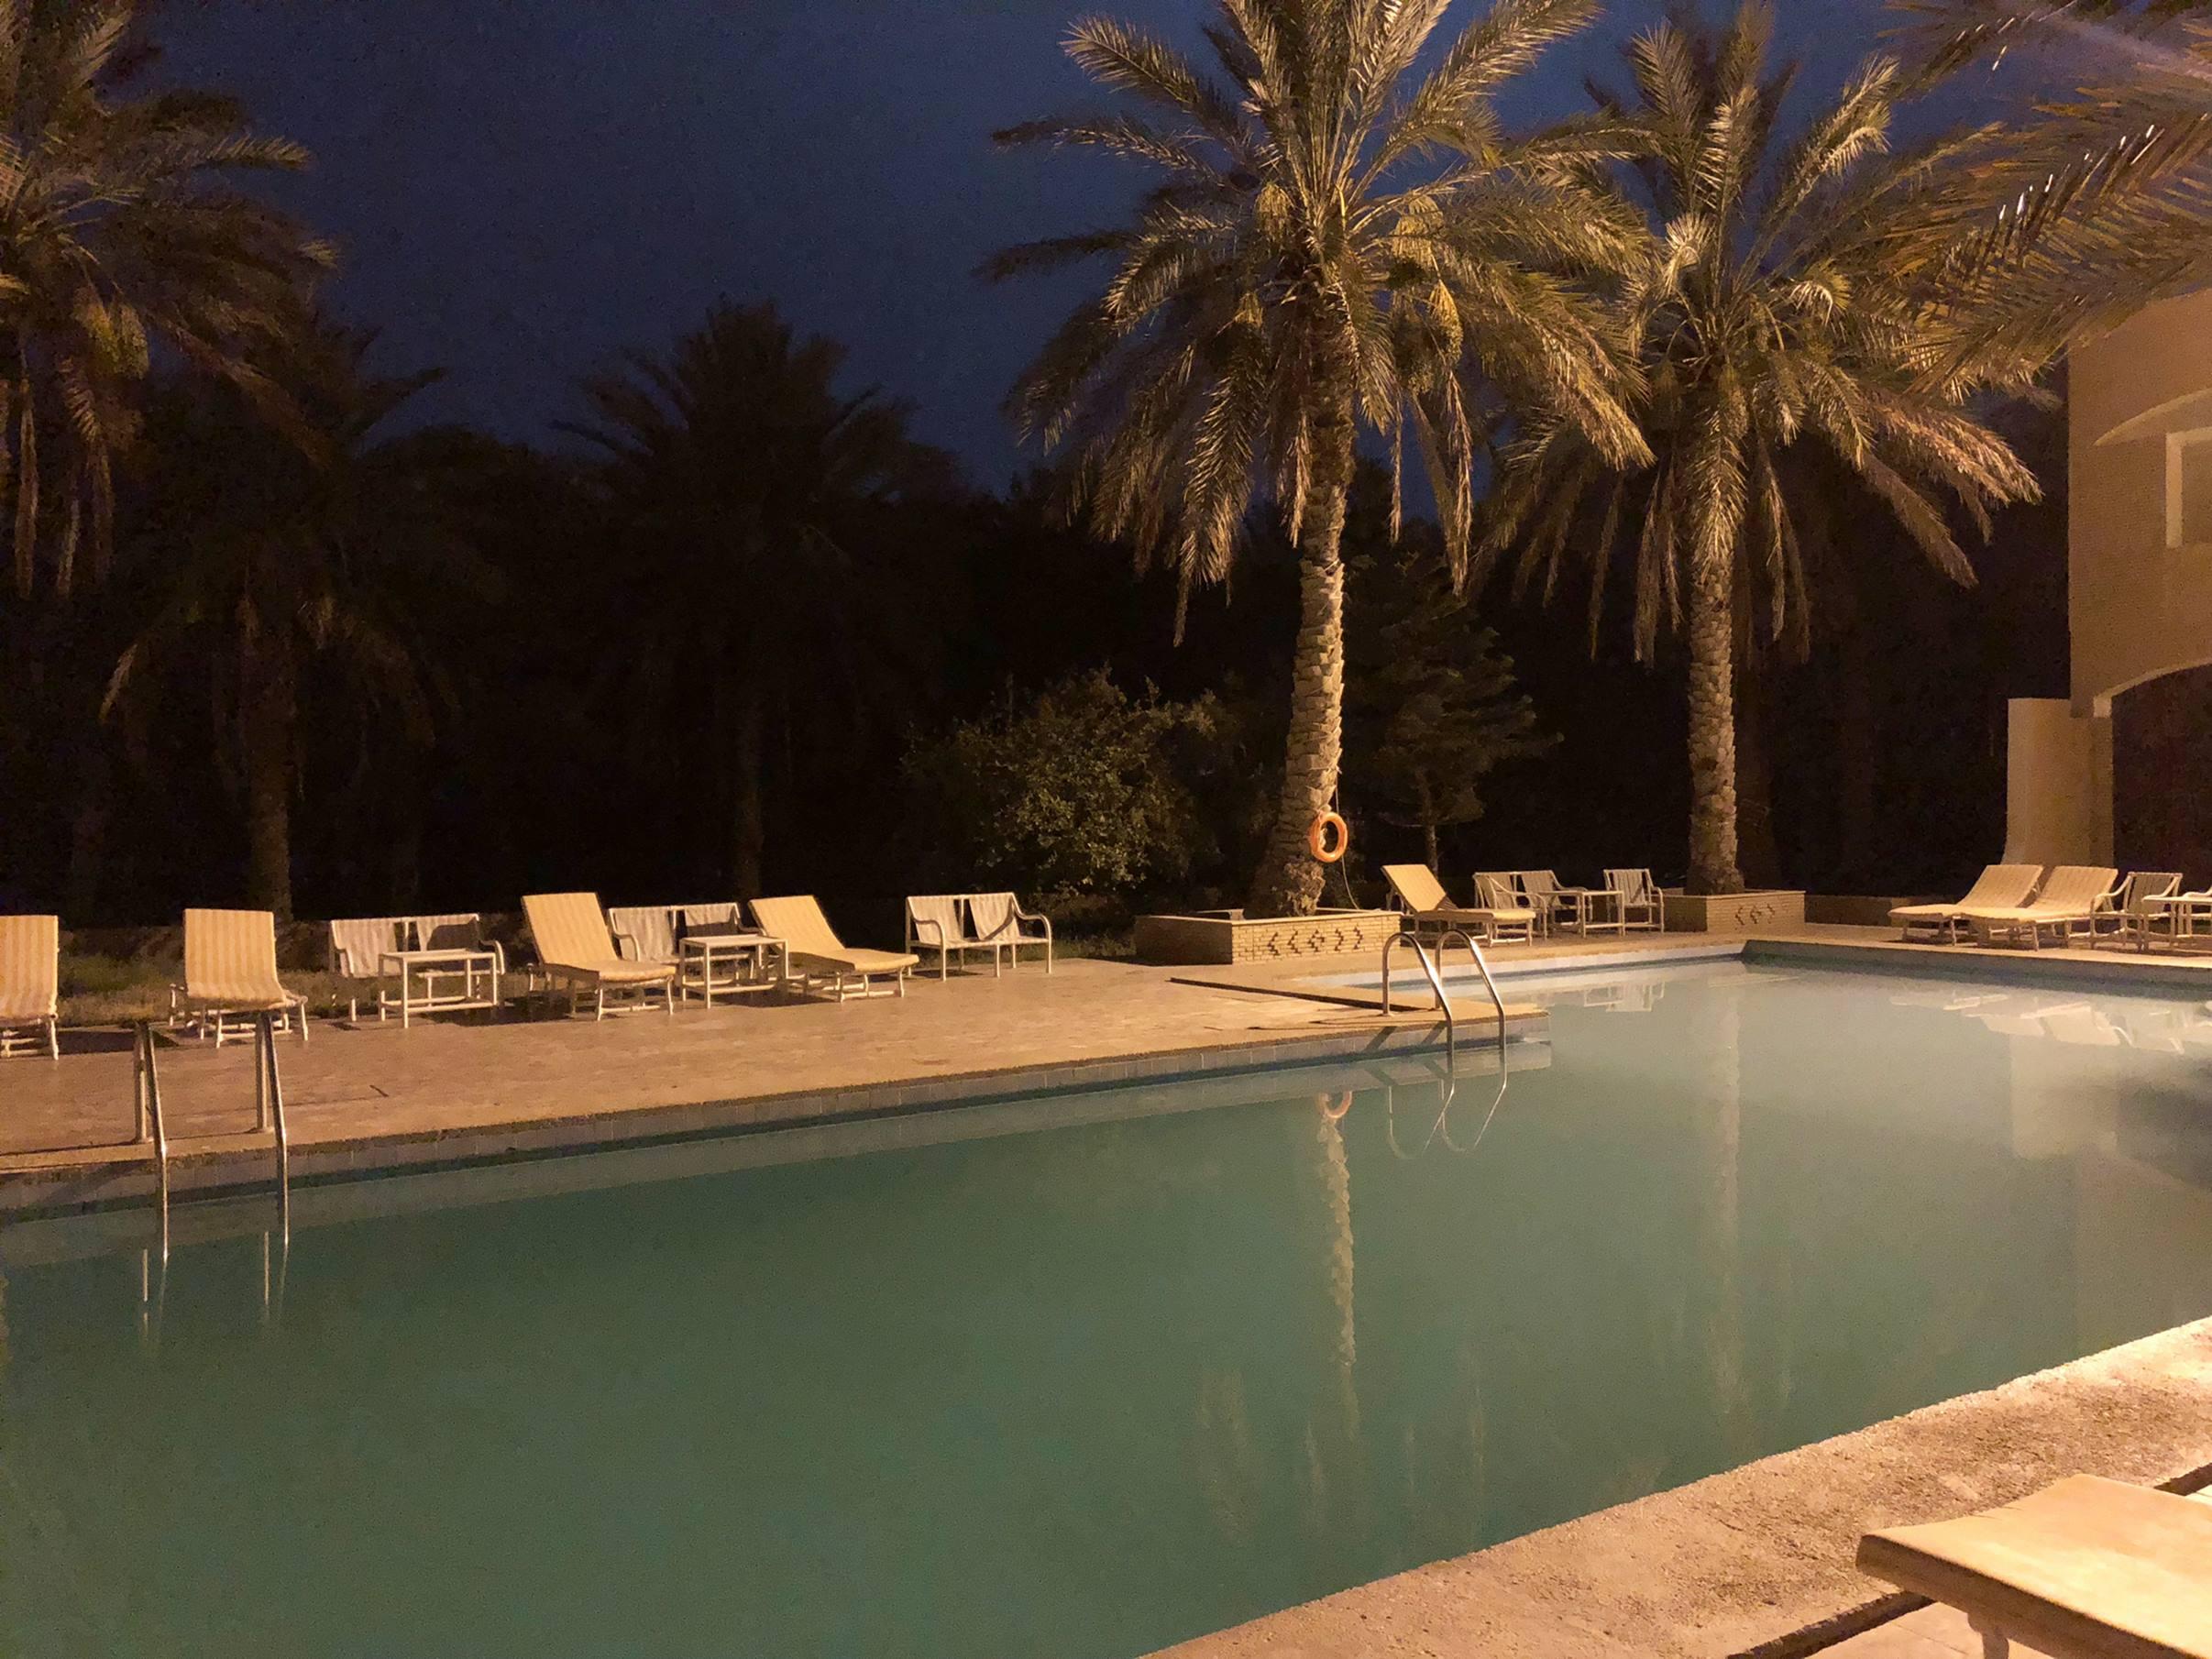 saara_tunisia_hotel